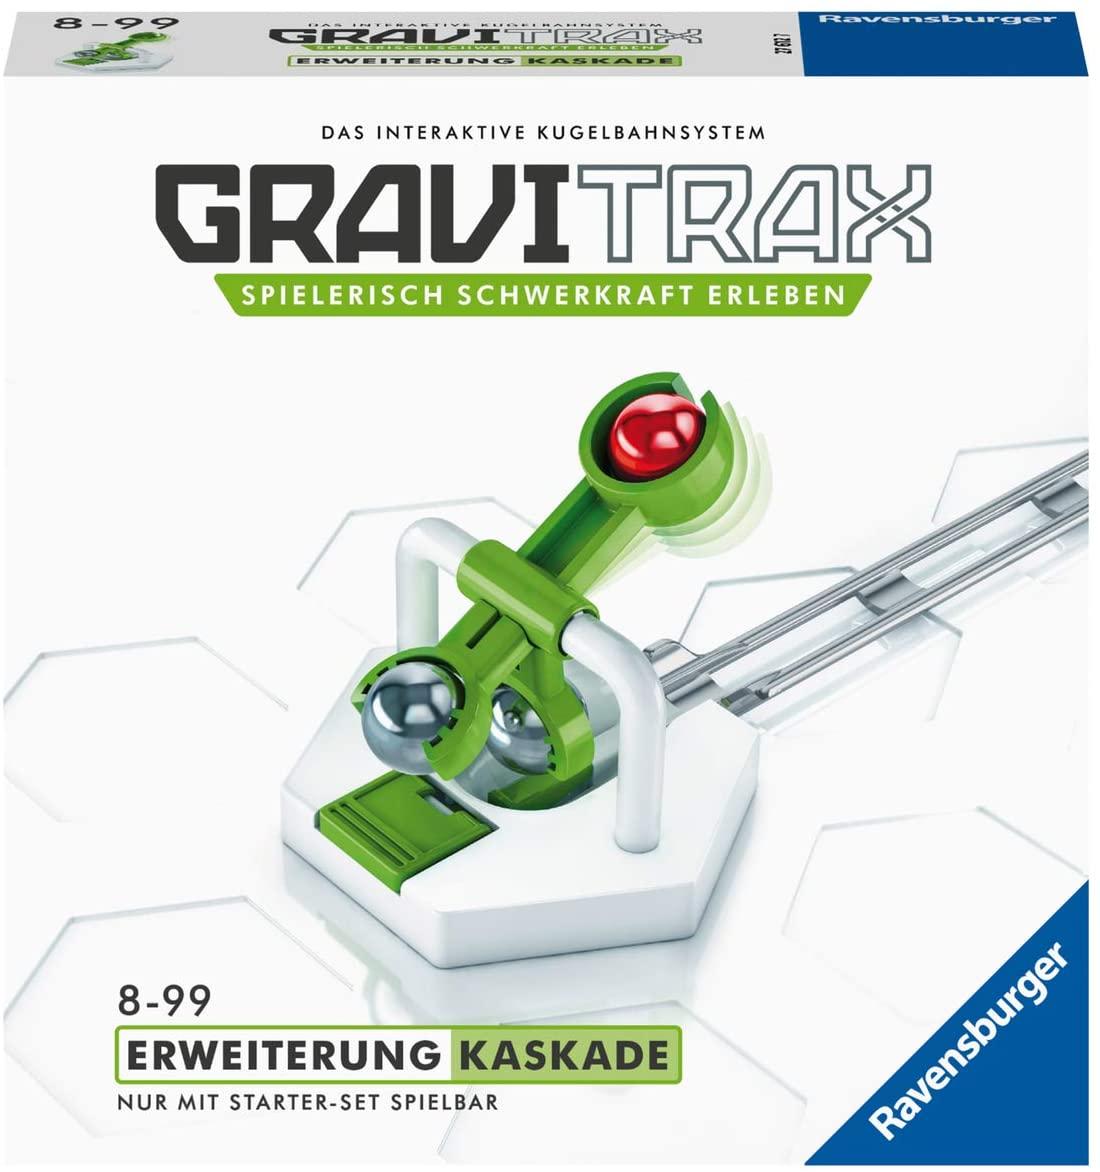 Gravitrax scoop (kaskade) voor €3.99